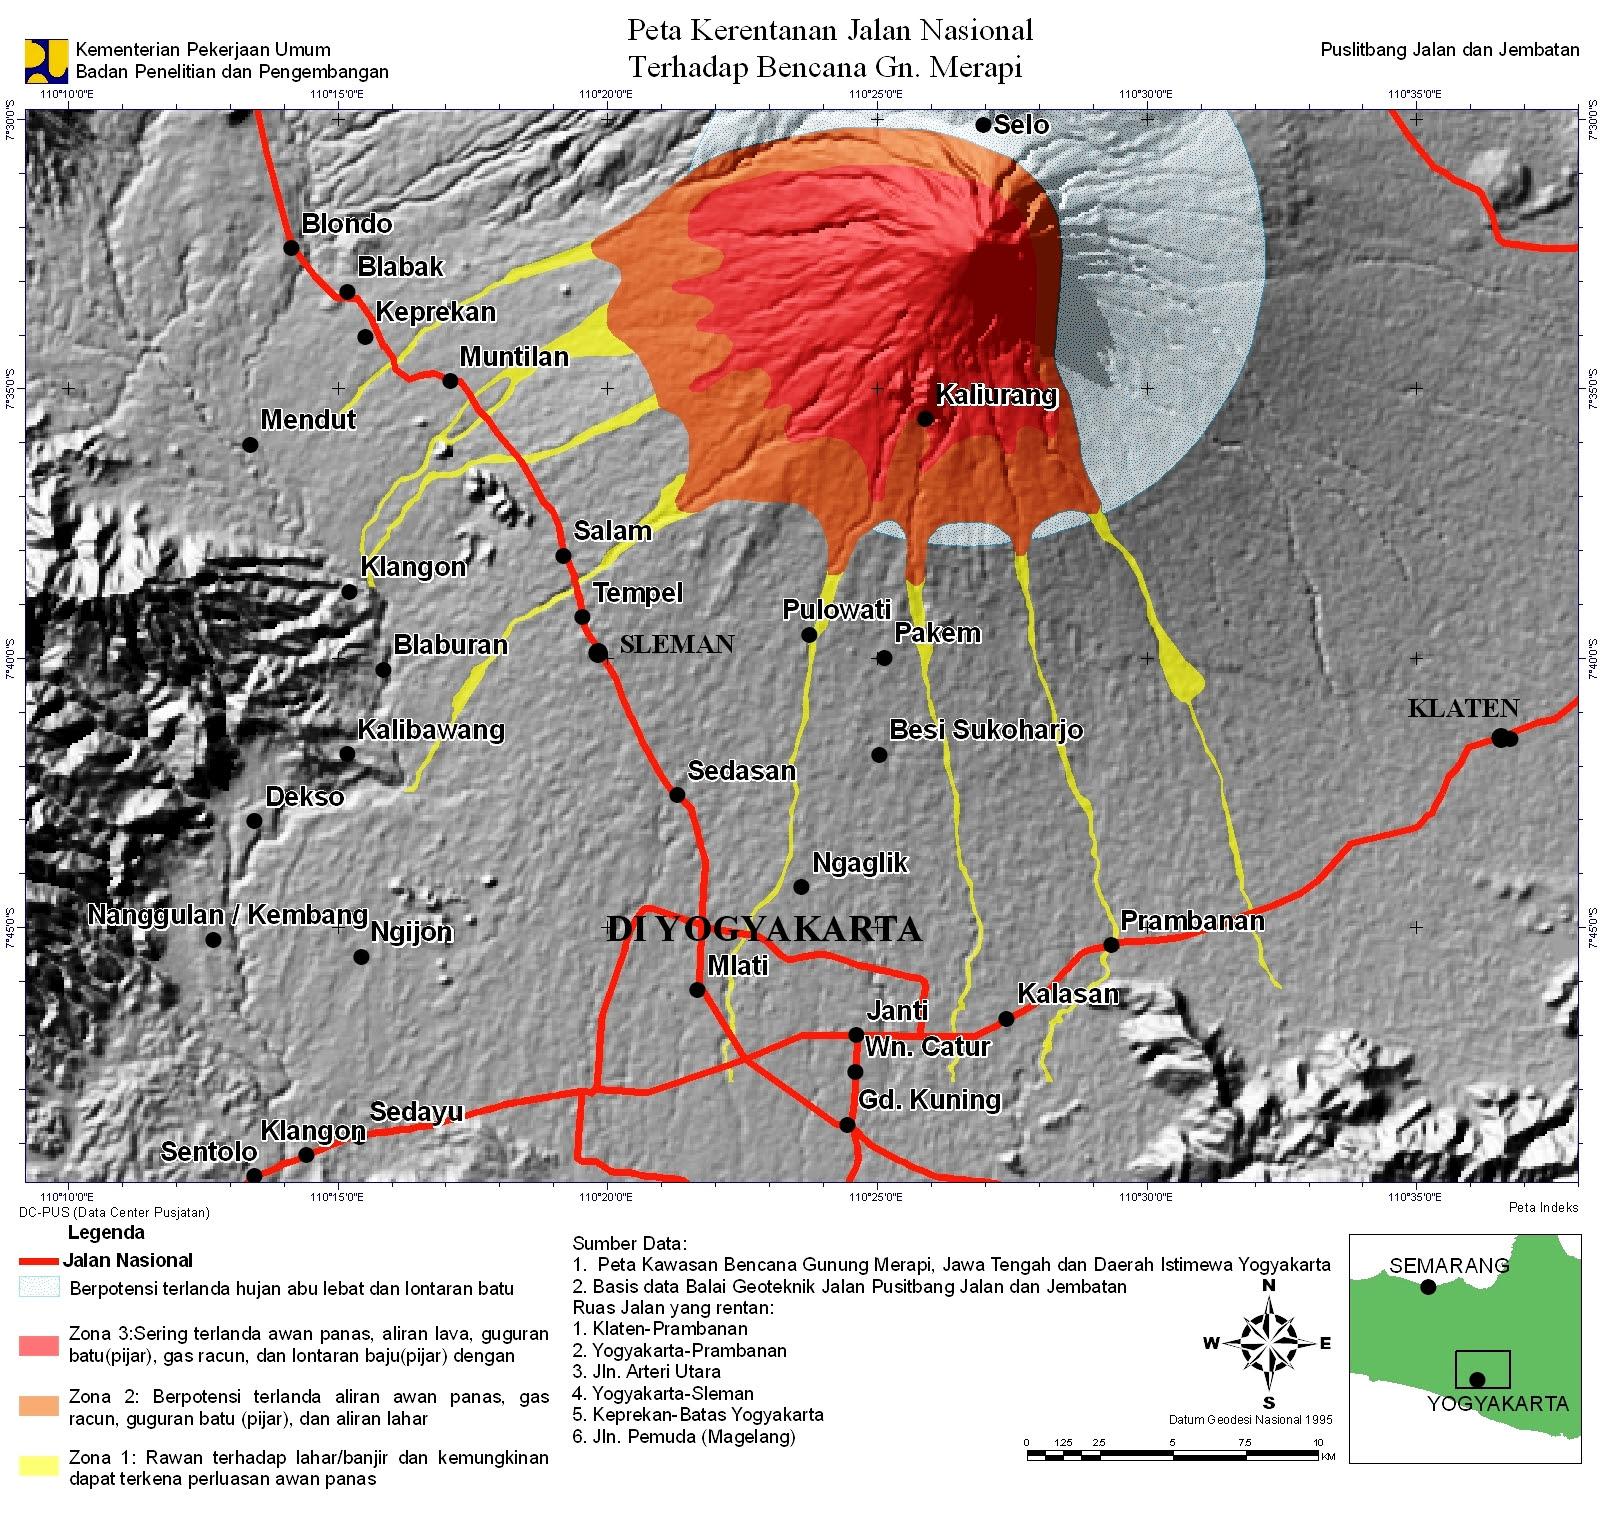 Carte de risques du volcan Merapi